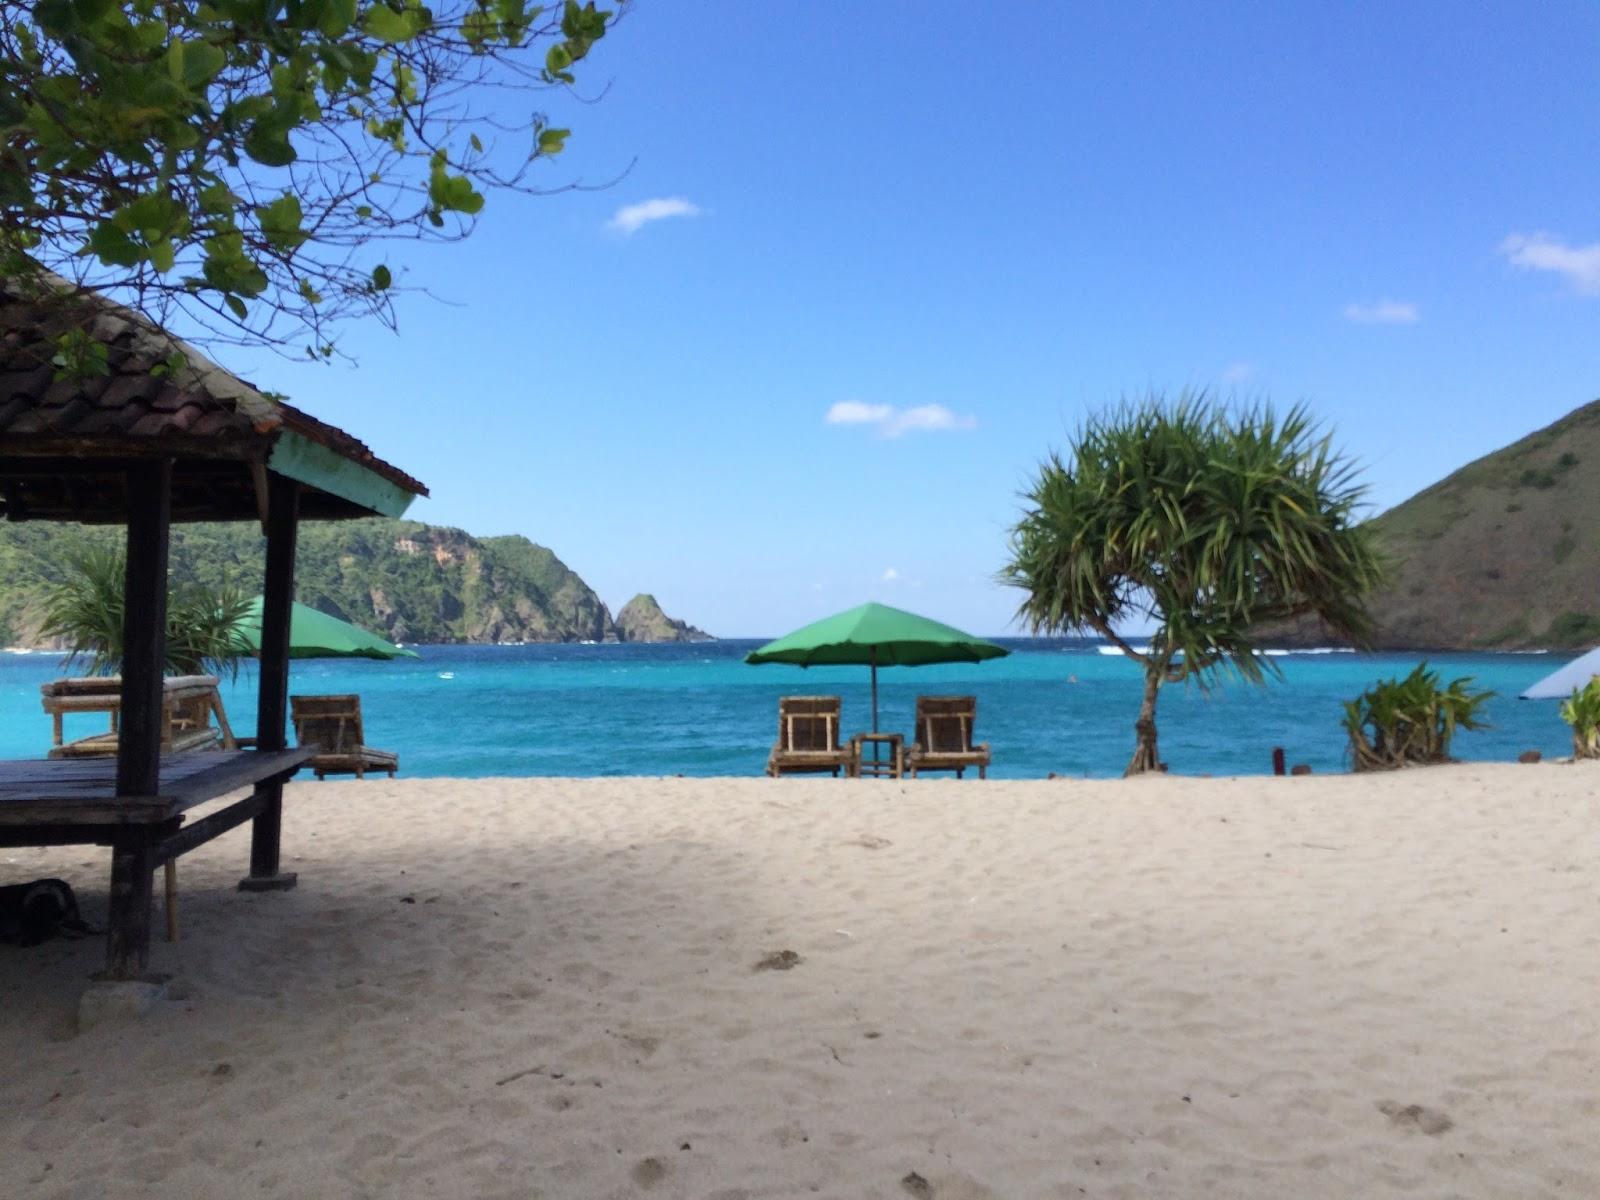 Tiket Masuk Pantai Mawun Kab Lombok Tengah 2019 Harga Tiket Wisata